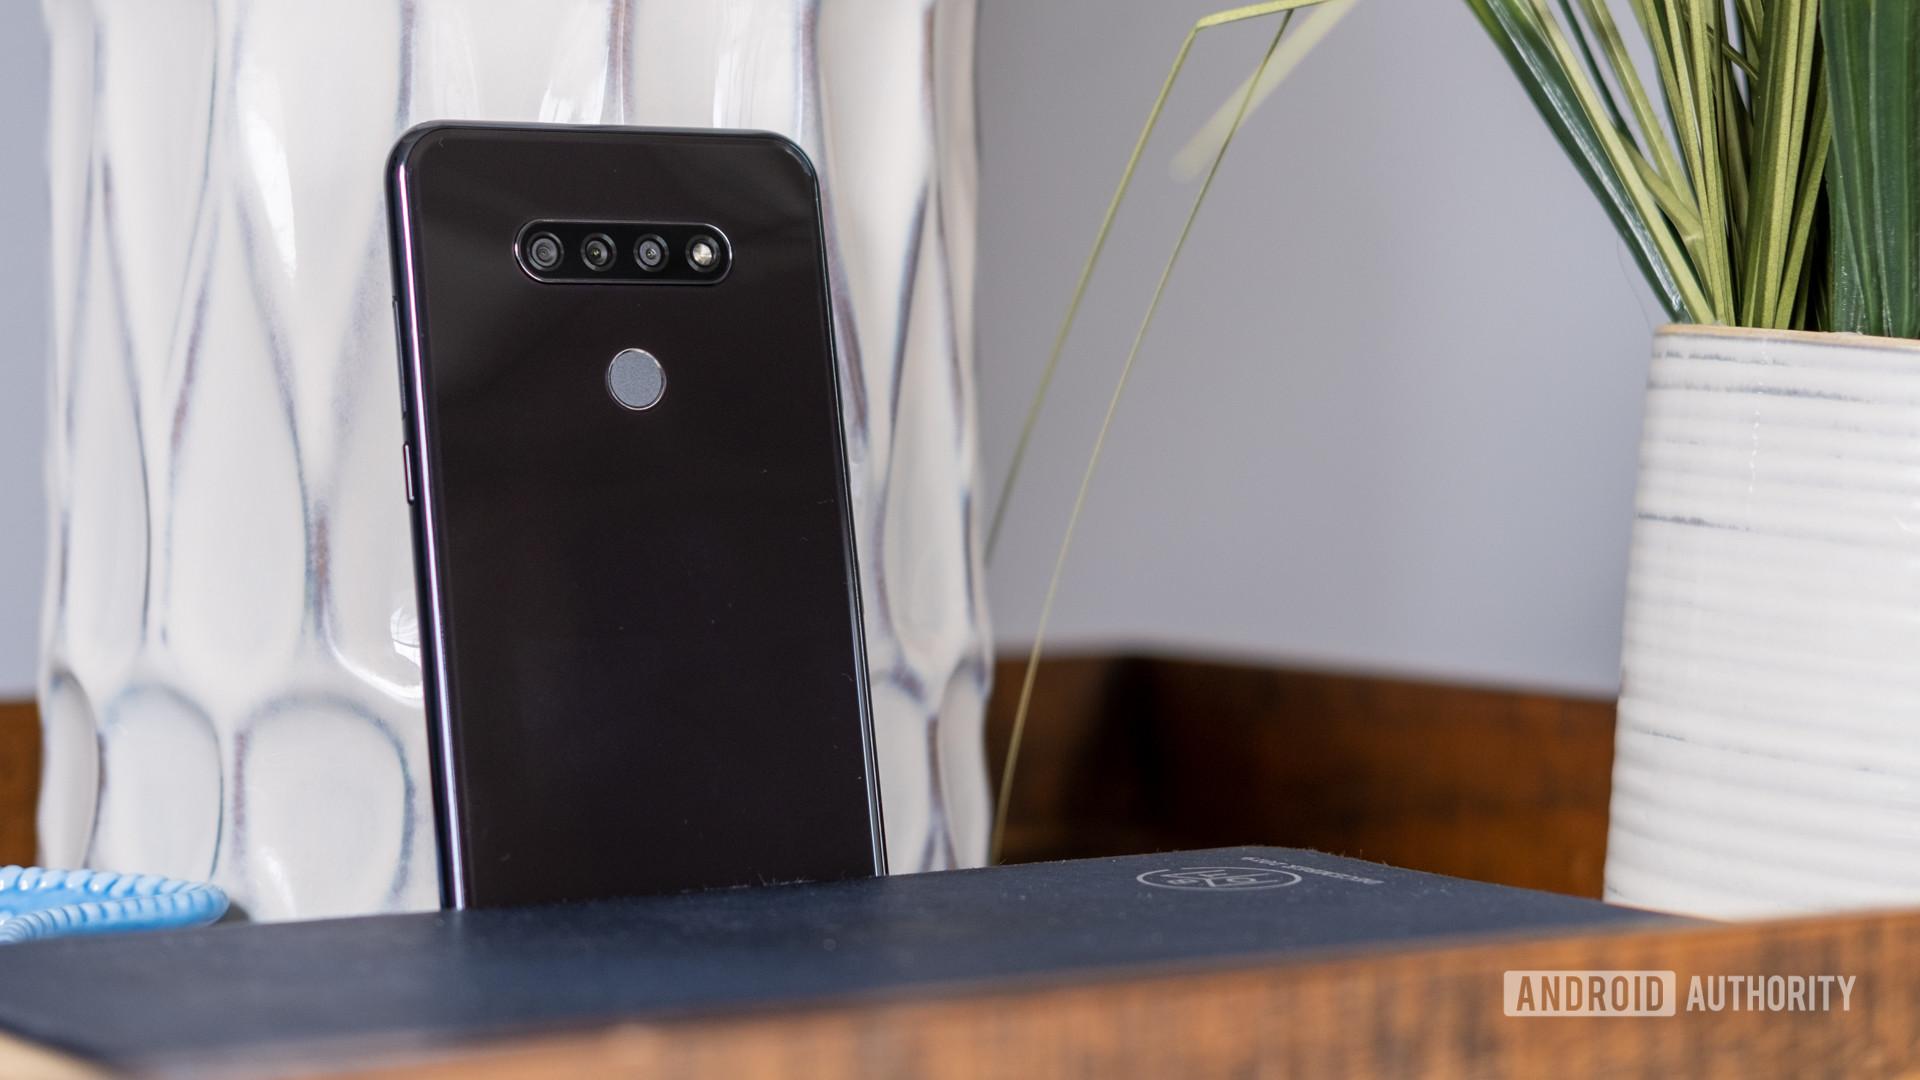 The LG K51 cameras and fingerprint reader